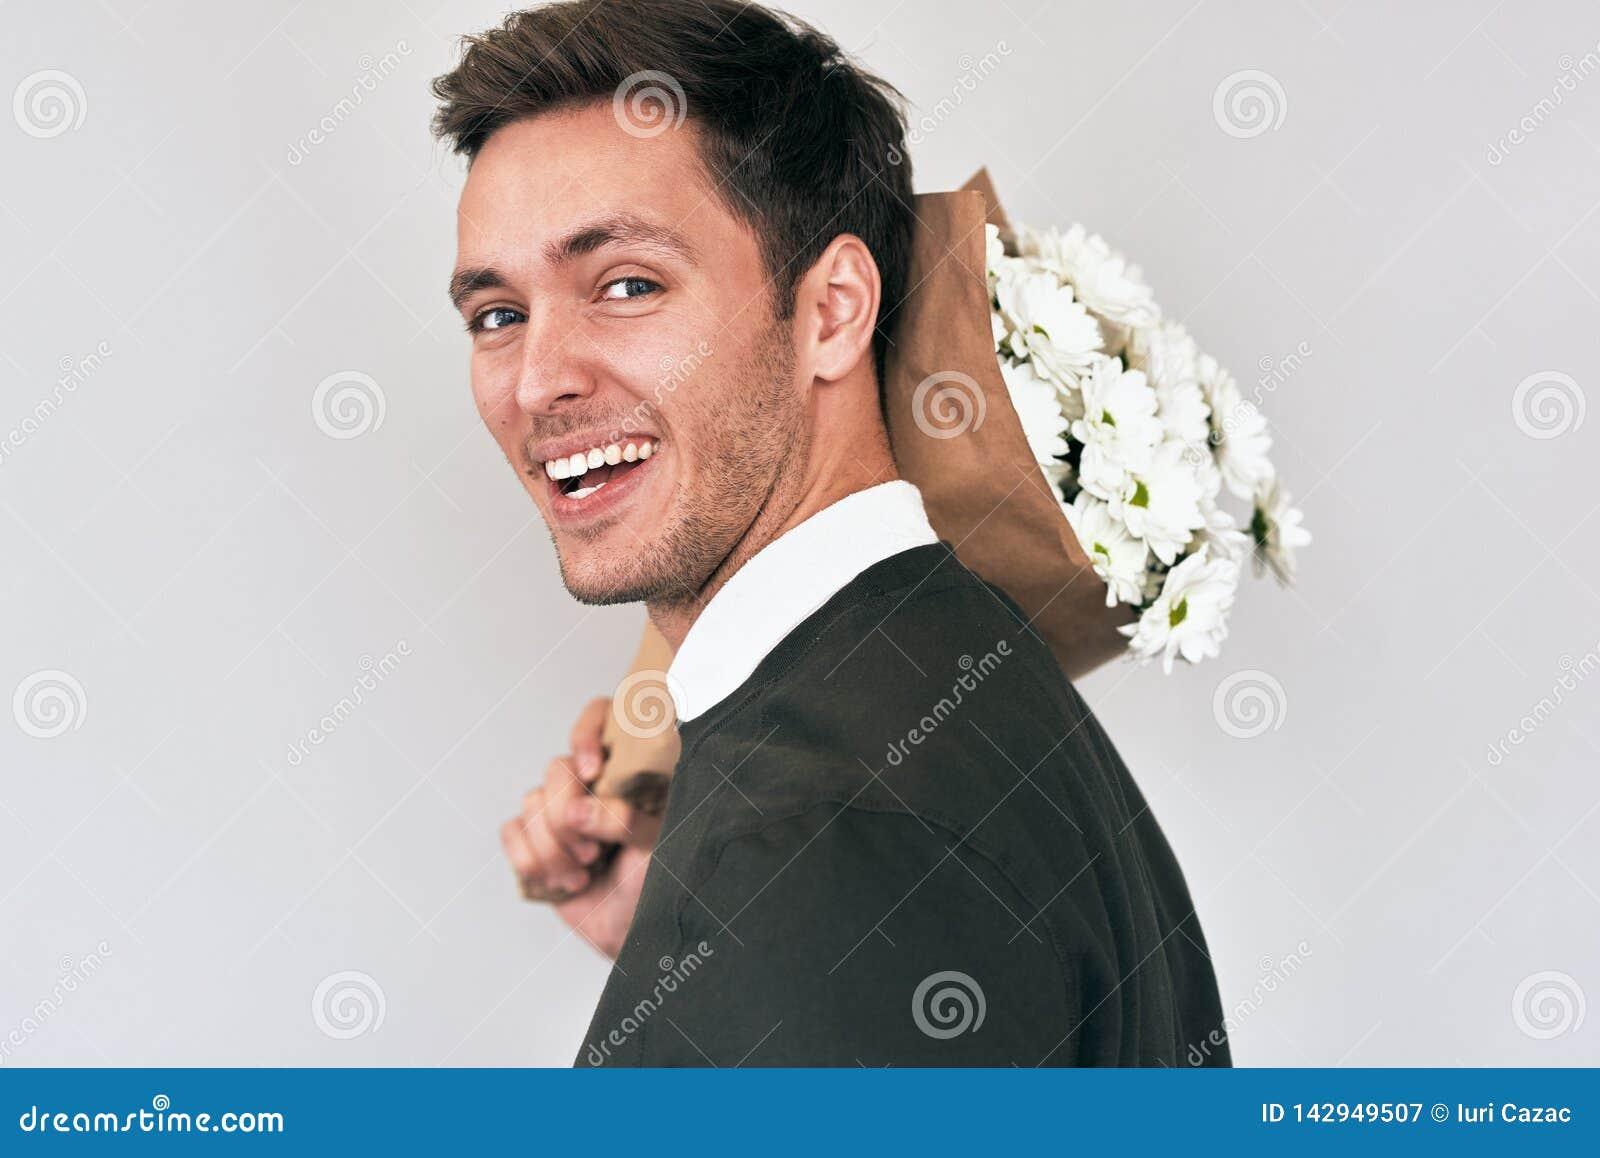 Όμορφος νεαρός άνδρας που χαμογελά και που παραδίδει μια ανθοδέσμη των άσπρων λουλουδιών Ελκυστικό αρσενικό πρότυπο με μια δέσμη